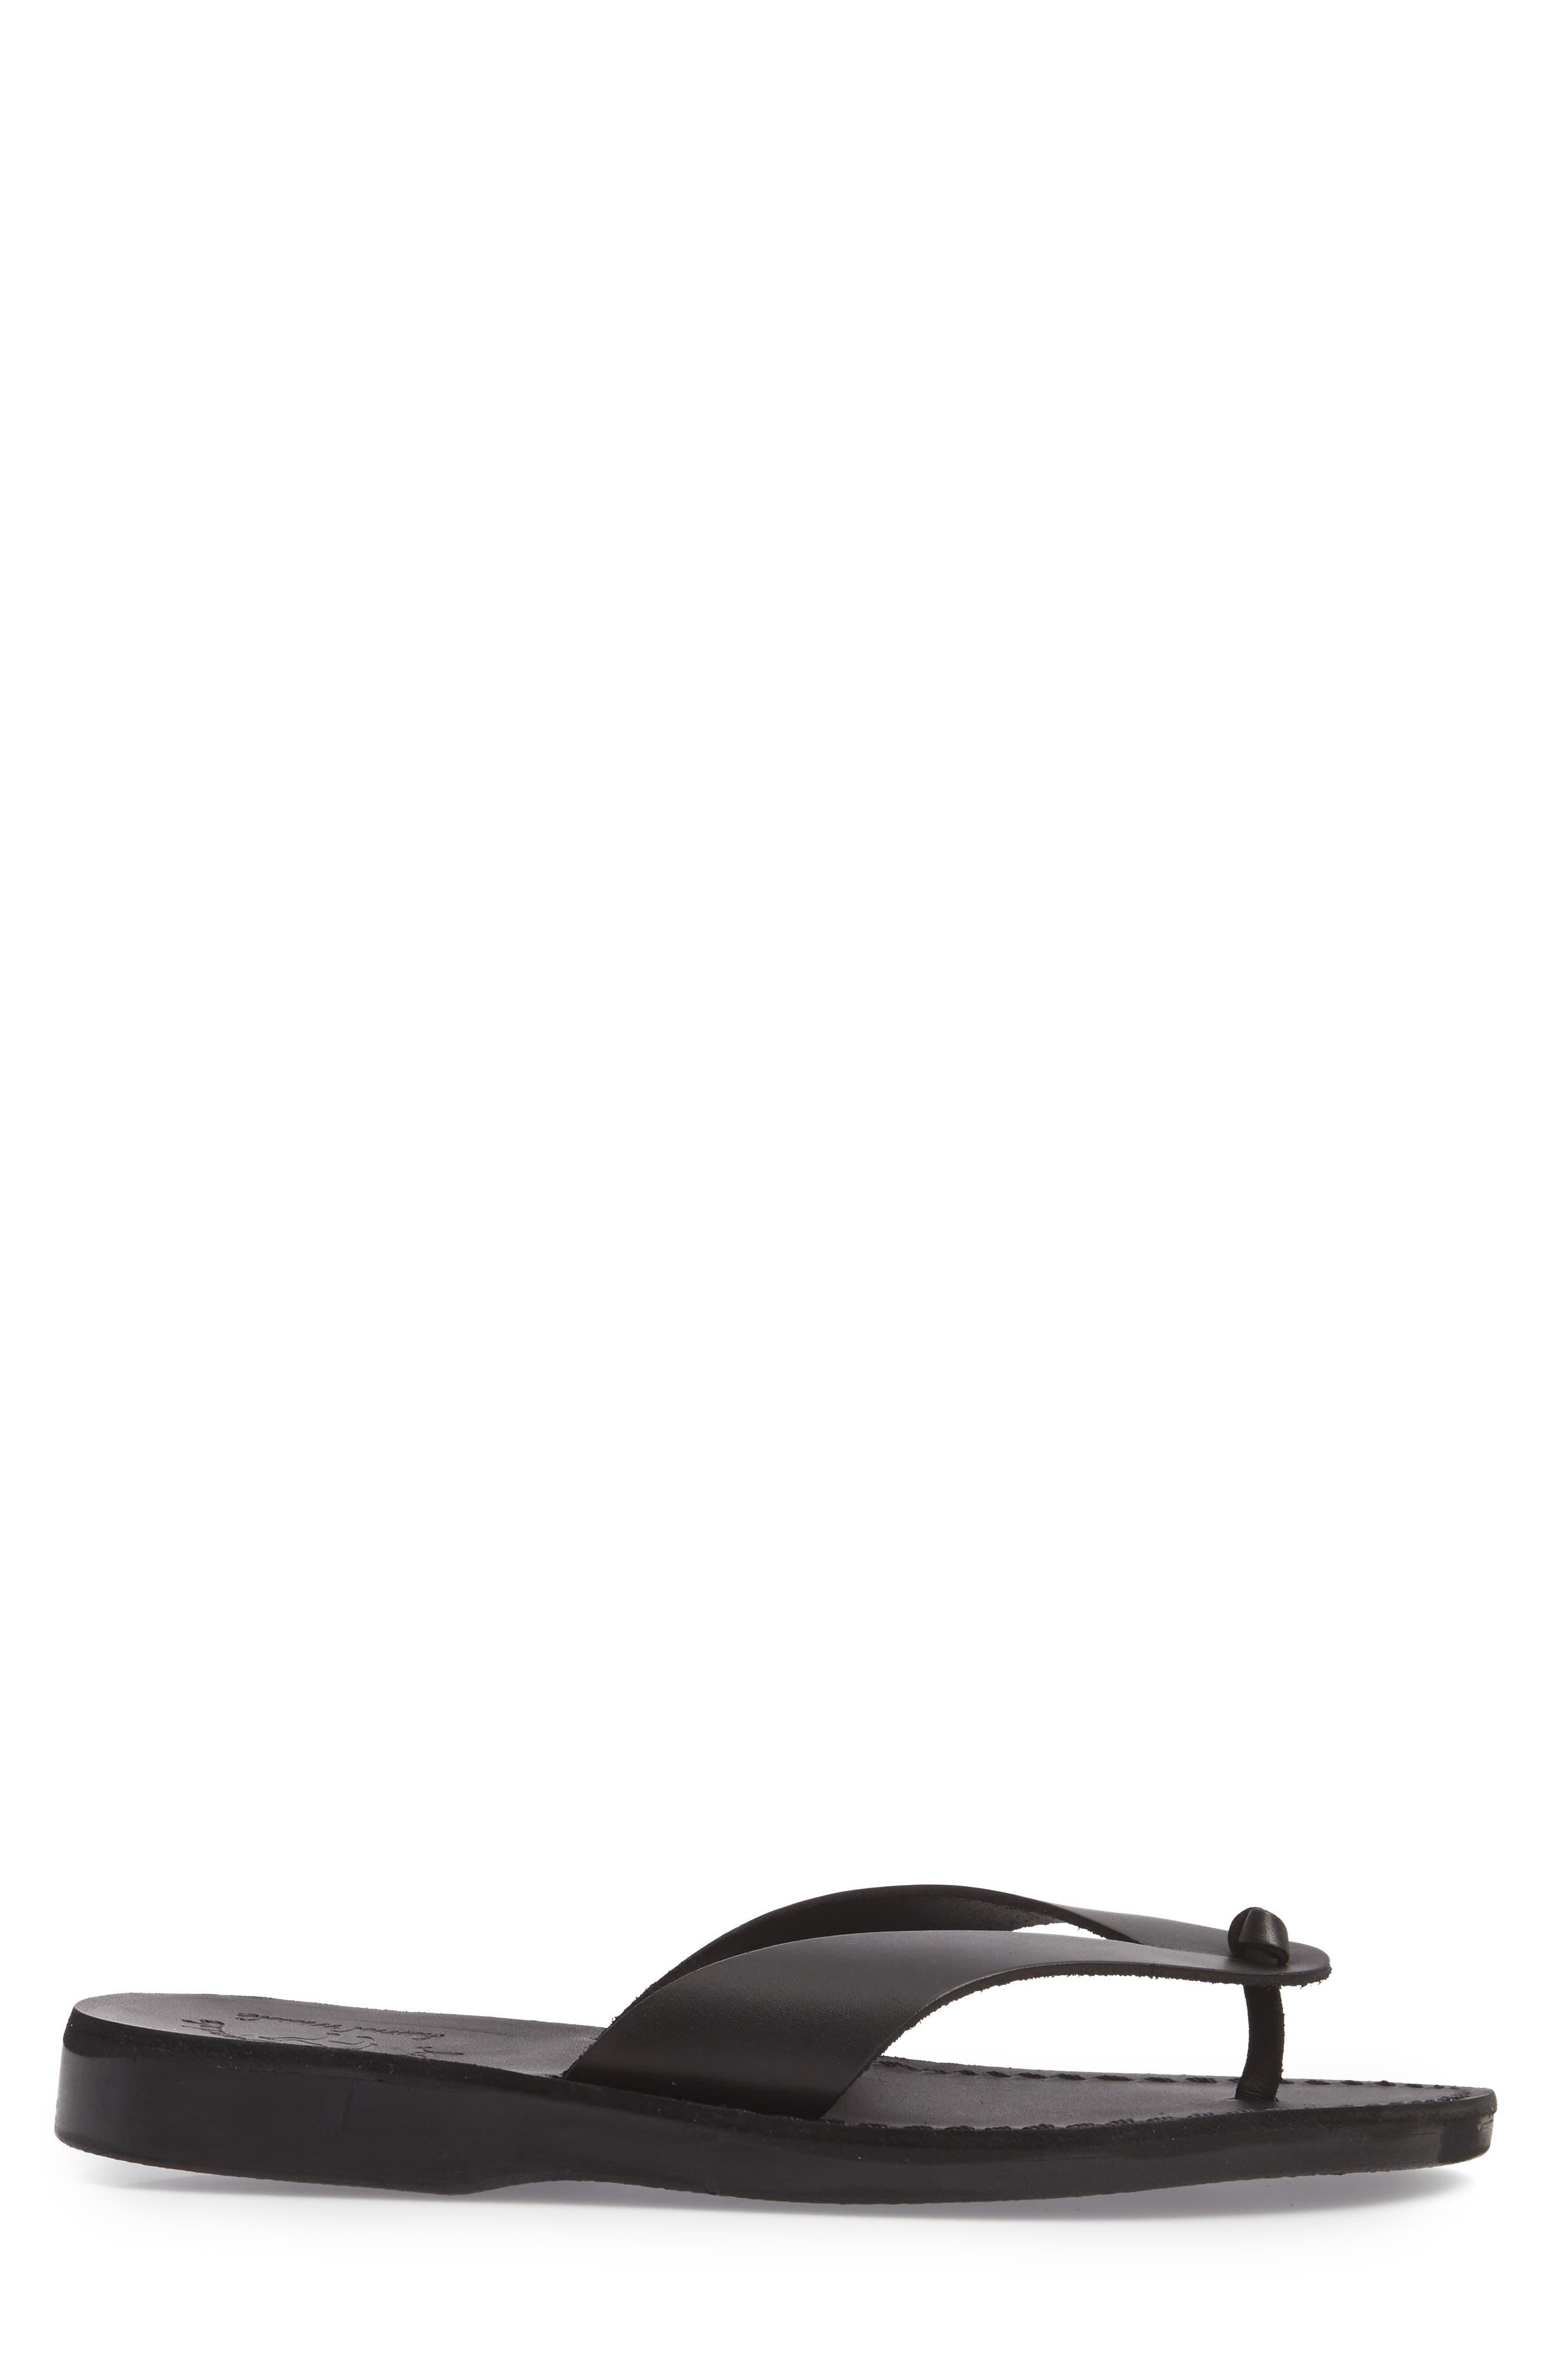 Solomon Flip Flop,                             Alternate thumbnail 3, color,                             Black Leather